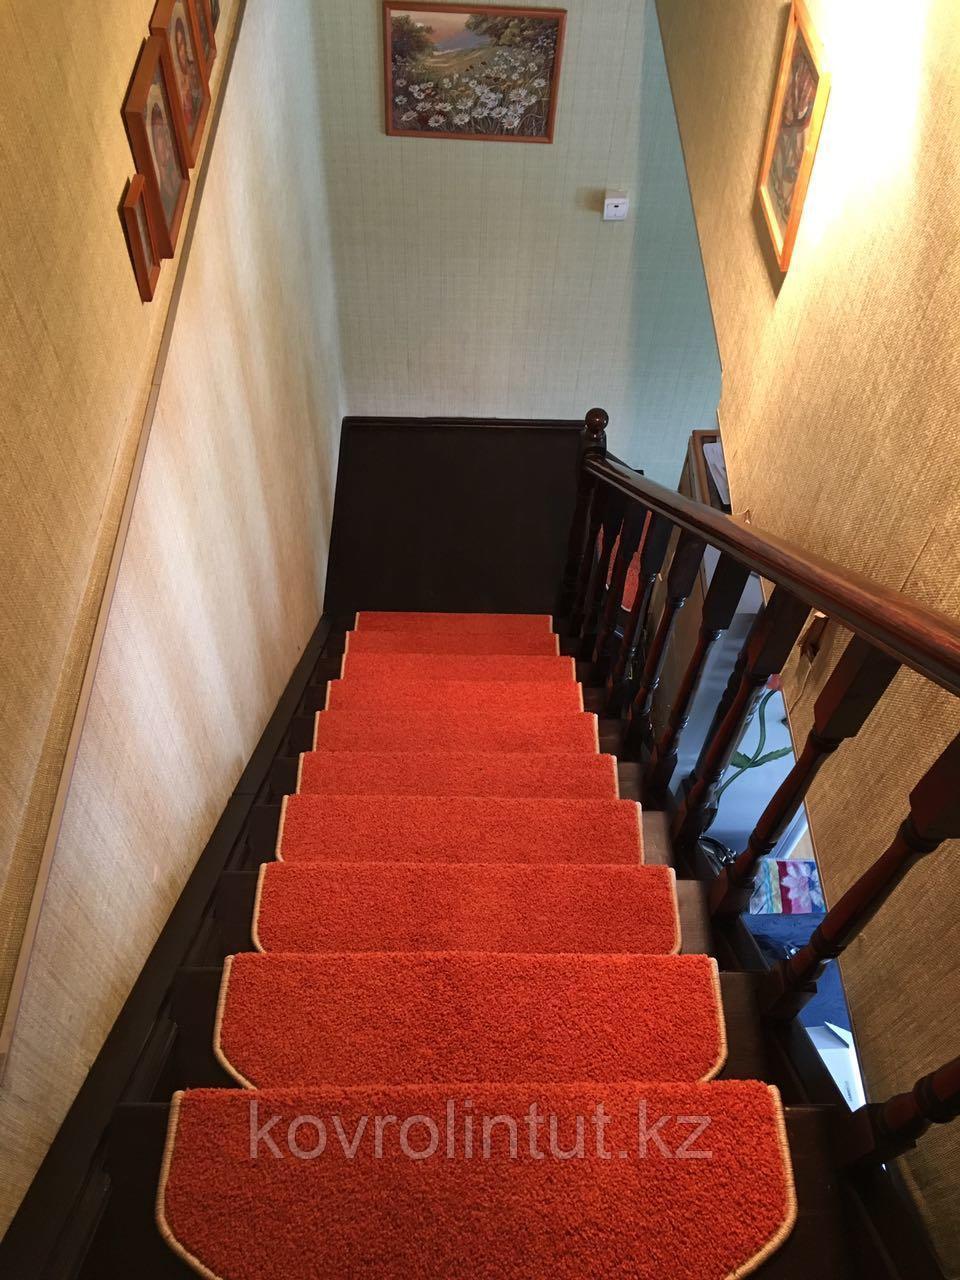 Коврики для лестниц Ангара оранжевый26x70  в розницу